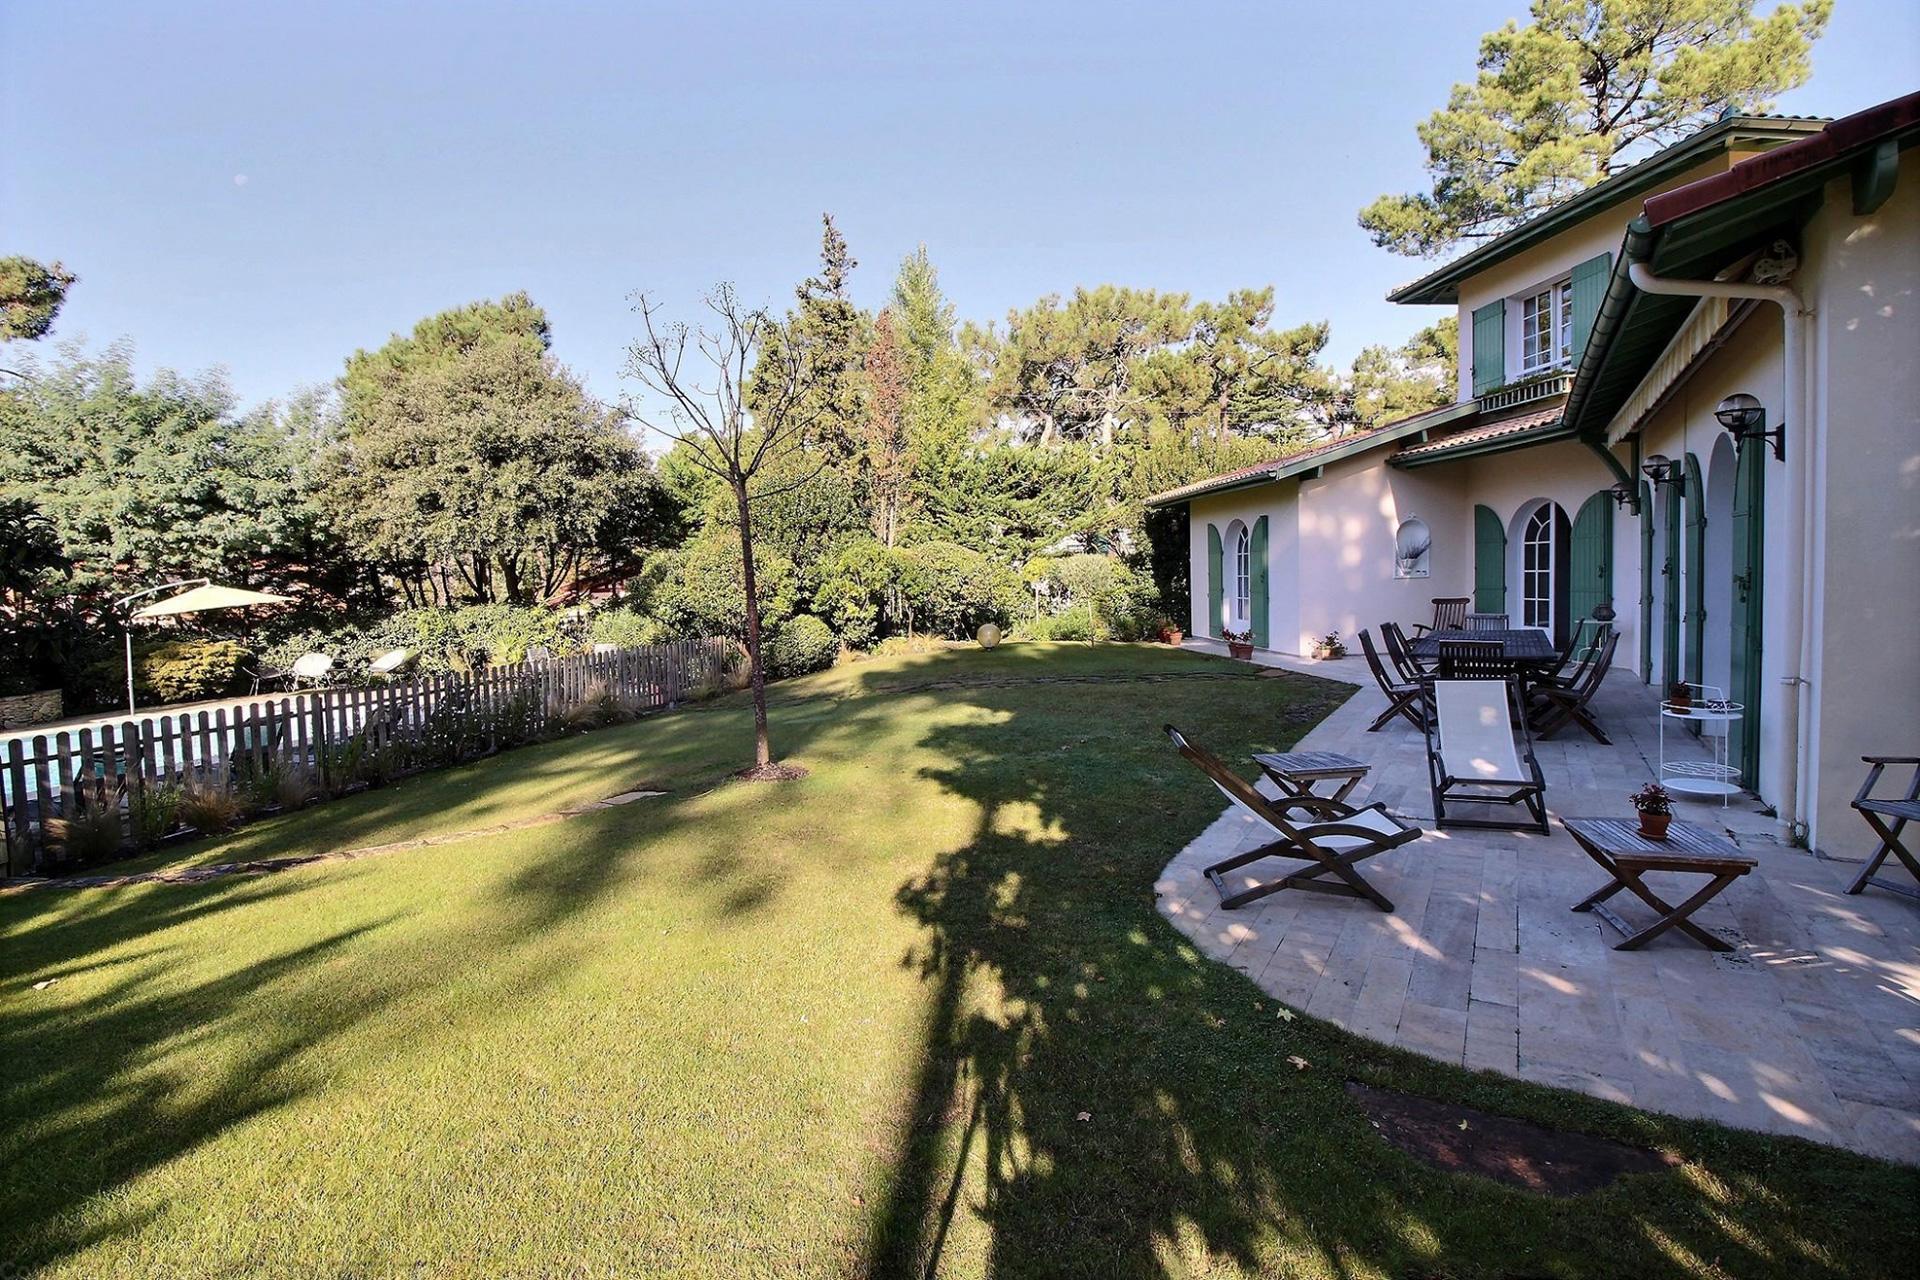 Location villa arcachon le moulleau 5 chambres 12 personnes avec piscine chauff e coldwell for Le jardin moulleau